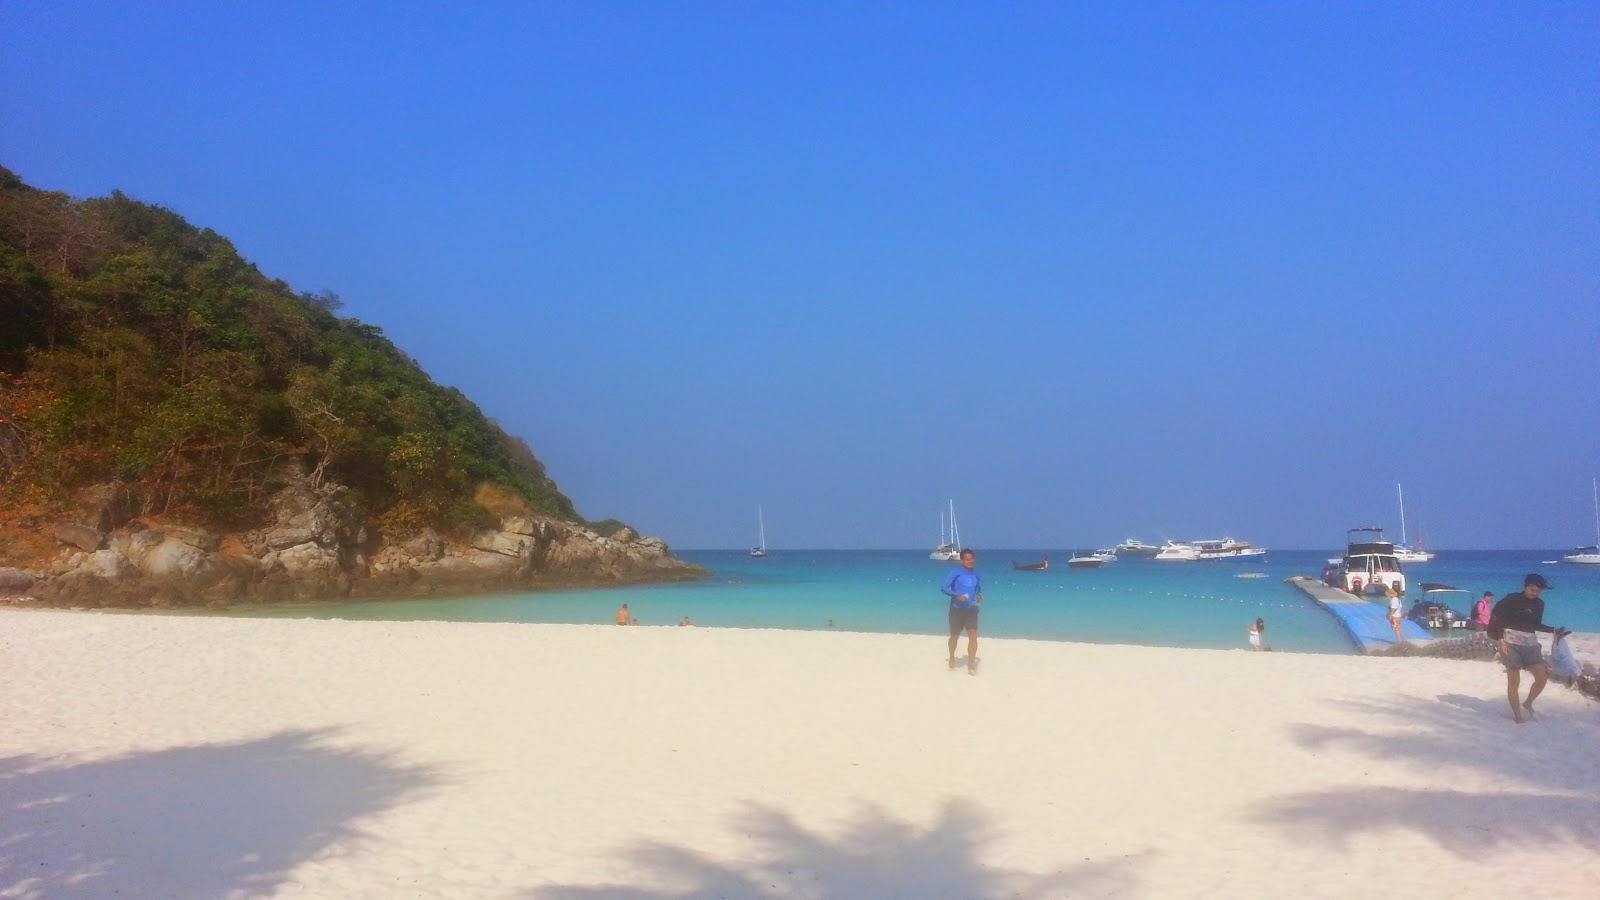 Raya Yai Island - Thailand